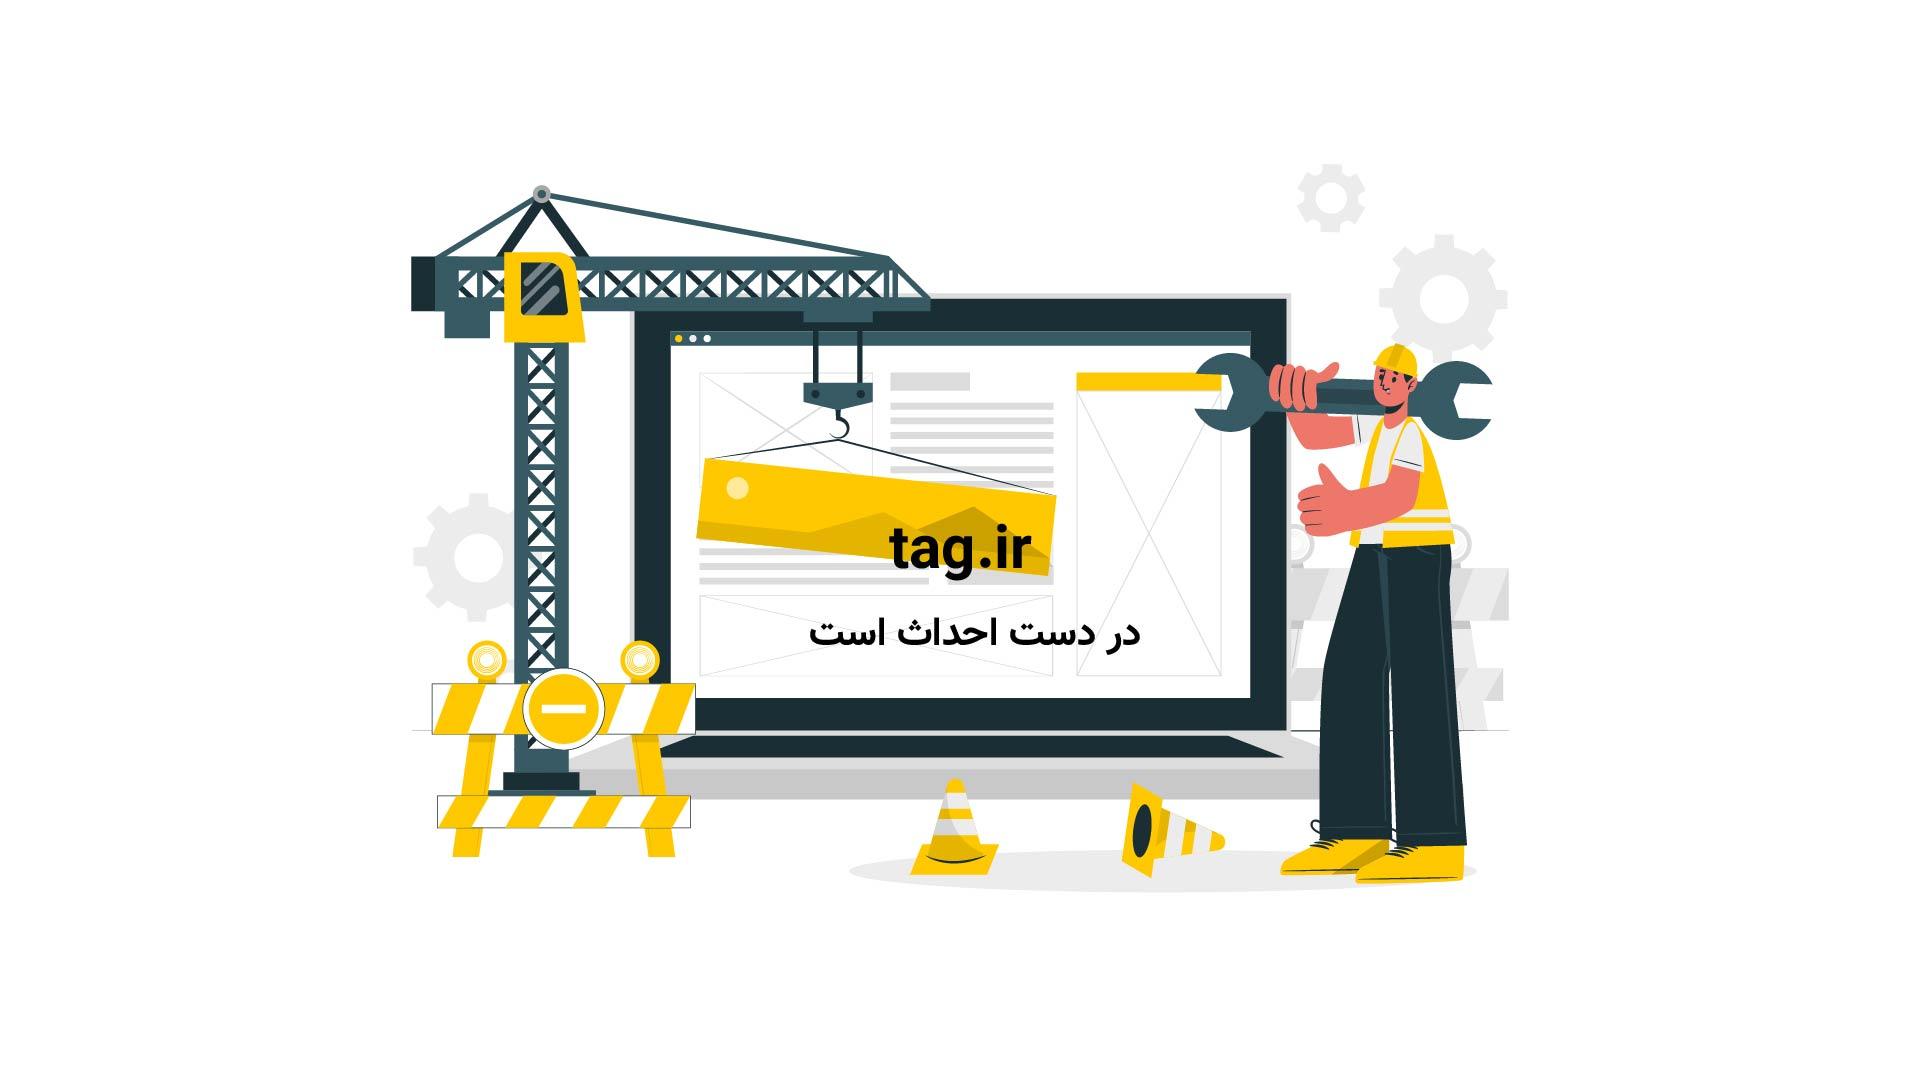 حیوانات در یخ | تگ